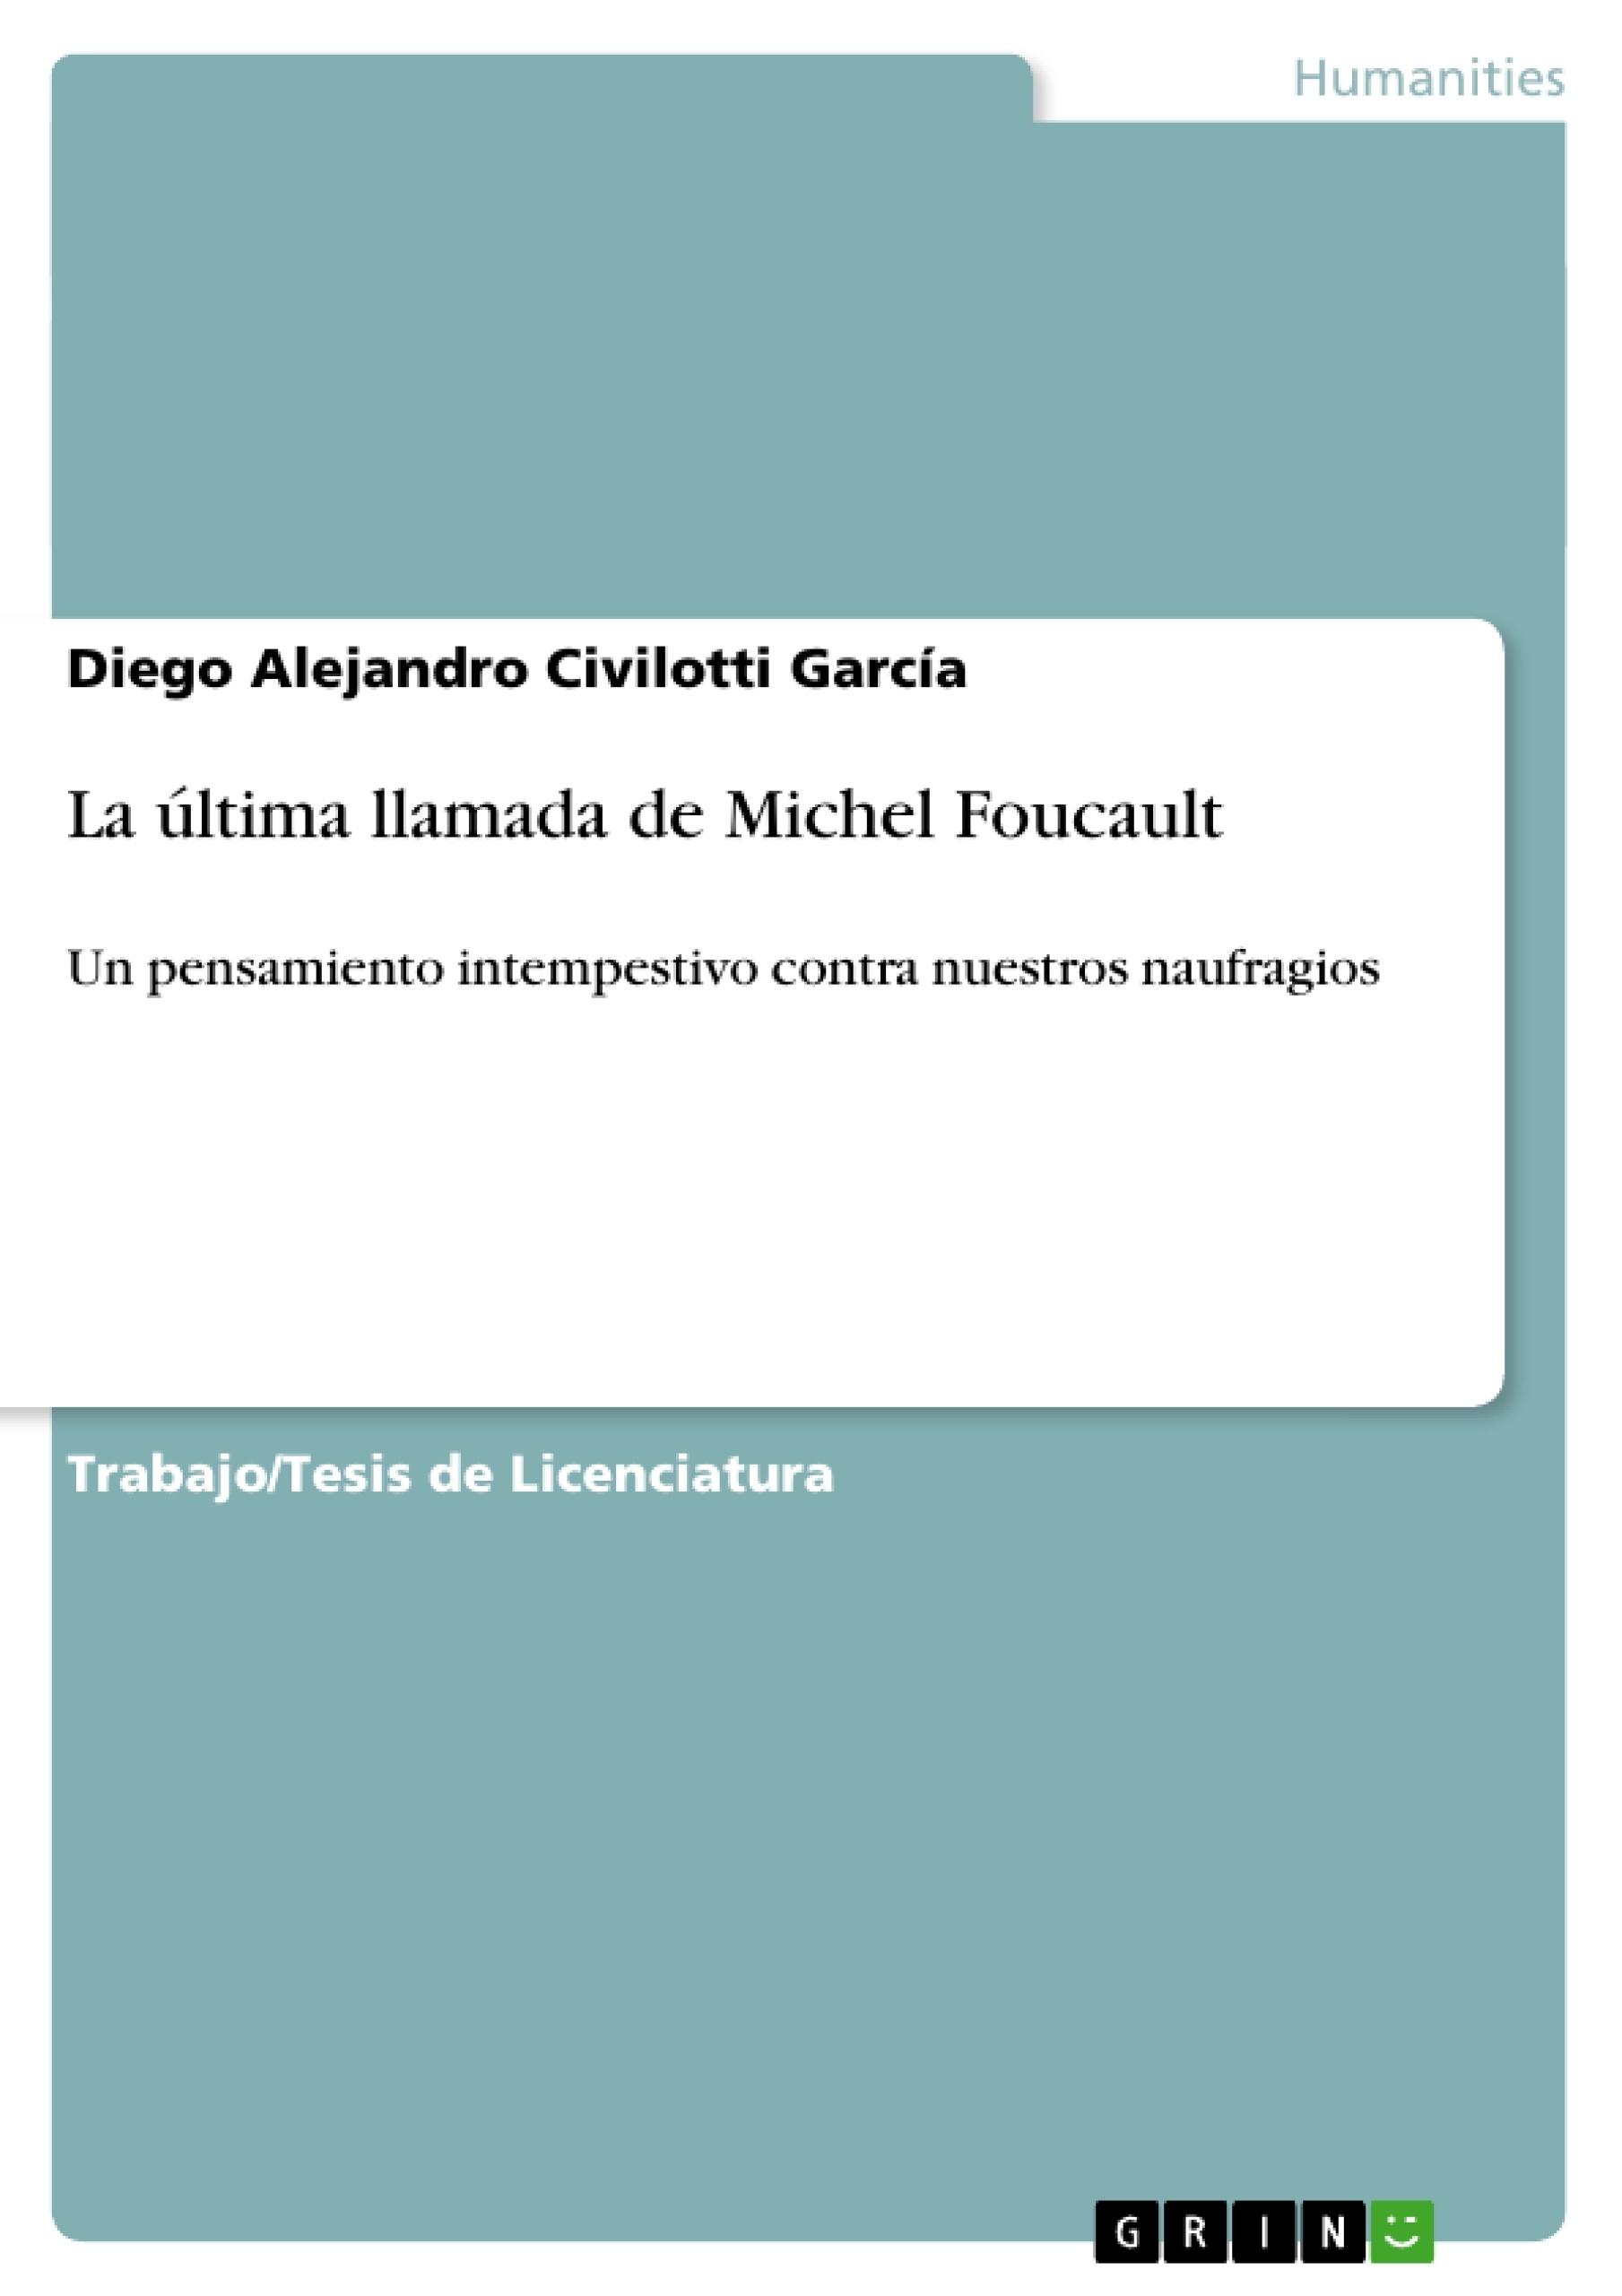 Título: La última llamada de Michel Foucault